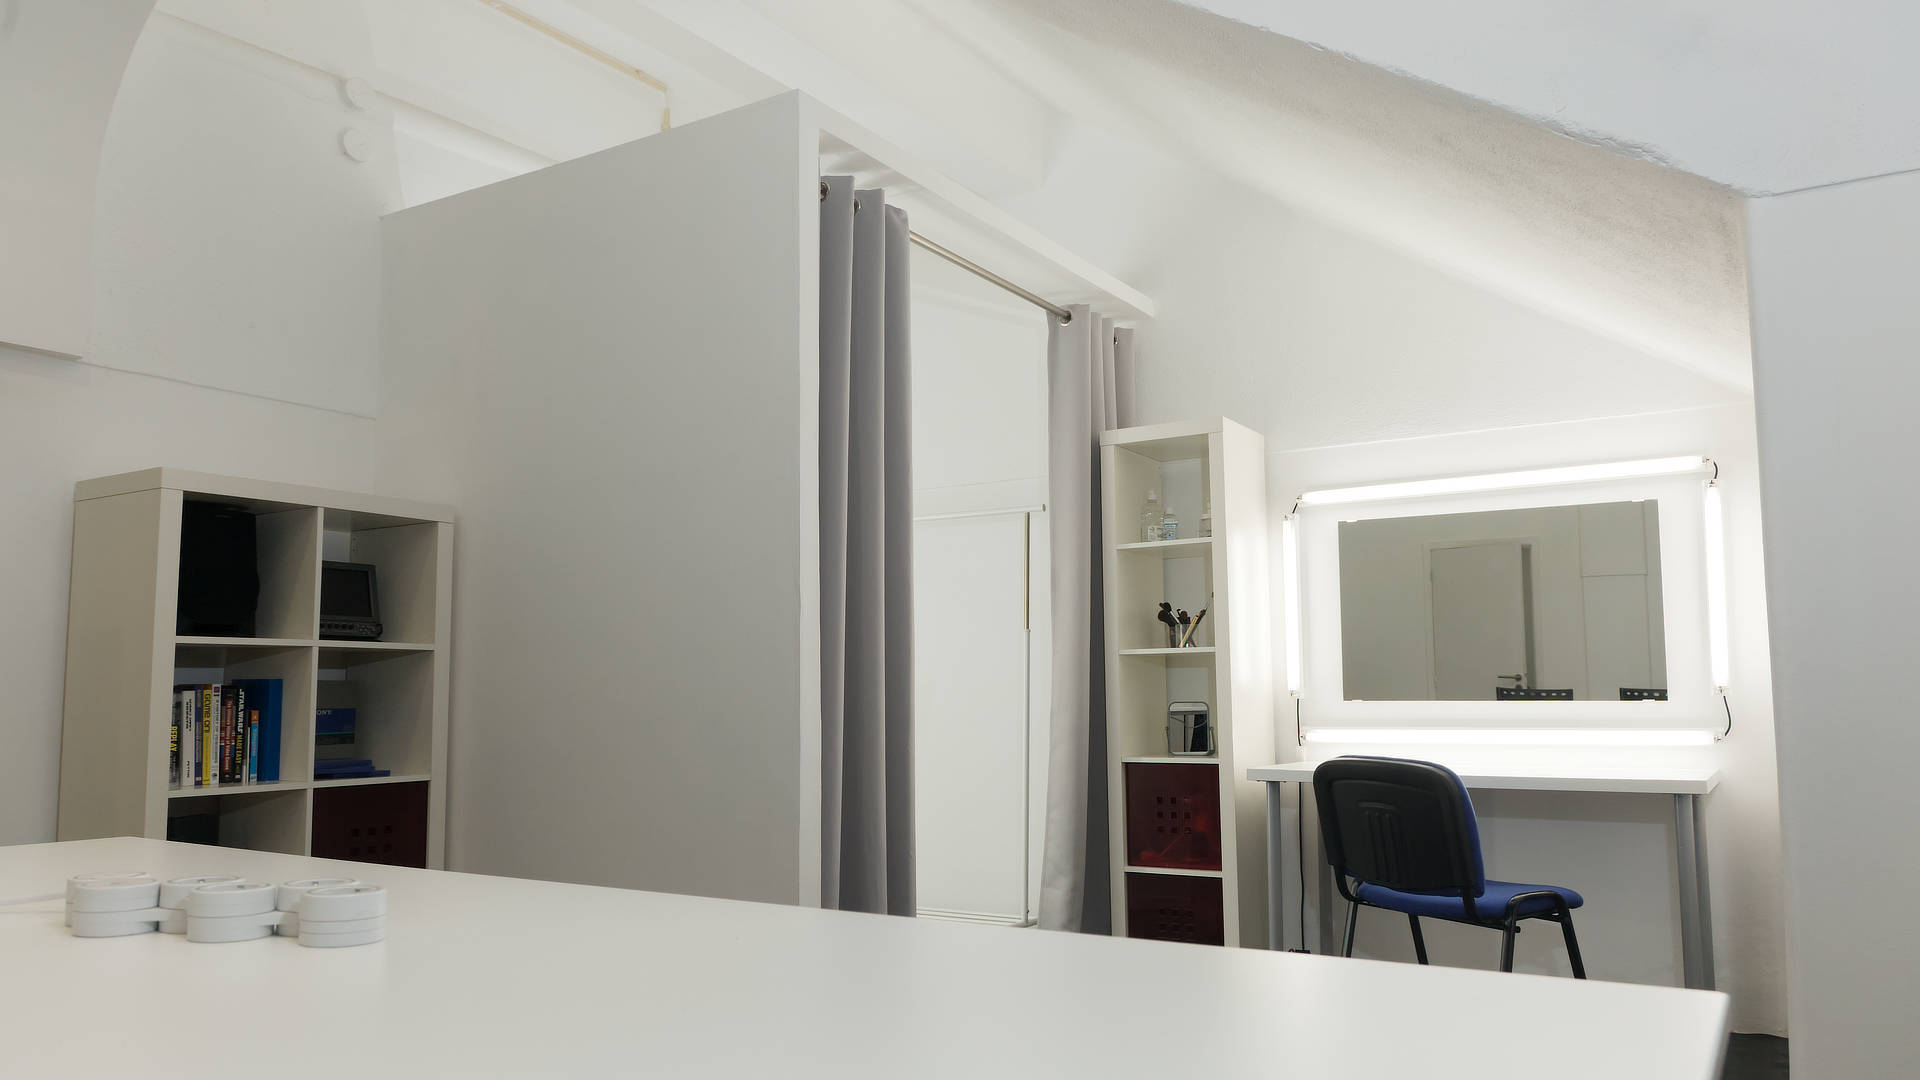 Estúdio de vídeo e fotografia da Multimédia com Todos (Lisboa, 2021)